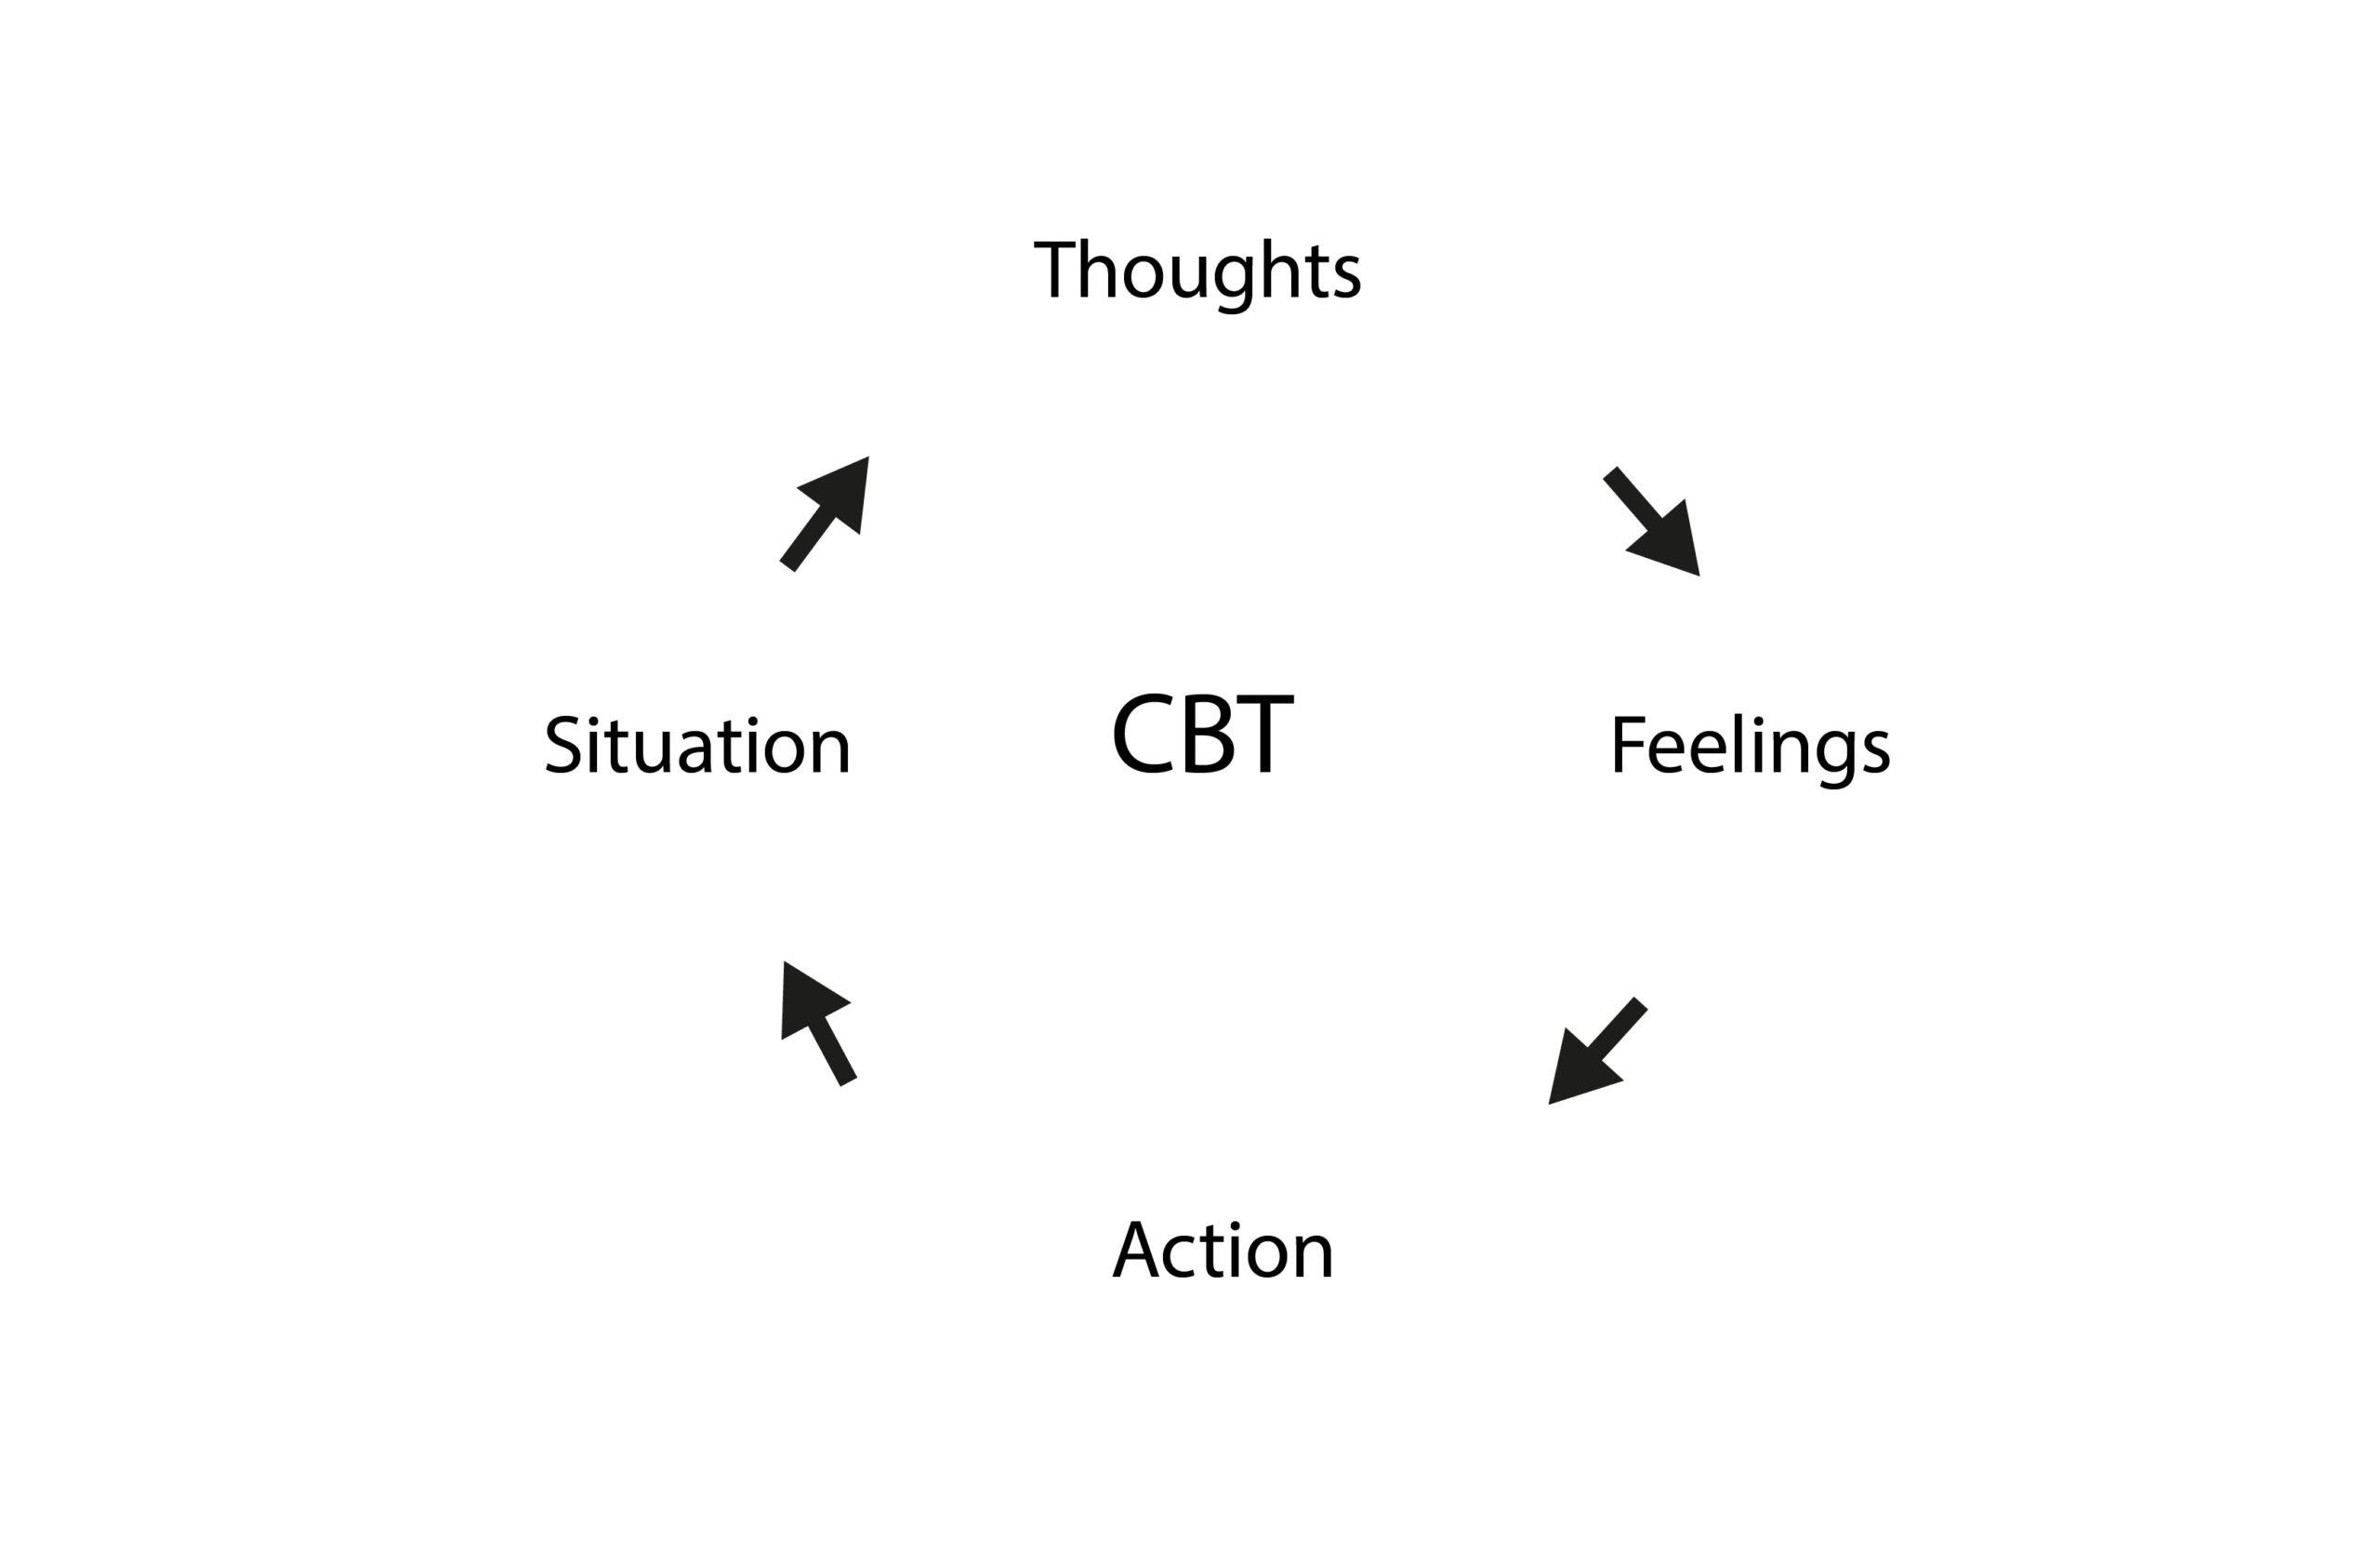 ストレスを肥大させ自他を苦しめる「考え方の癖」(認知の偏り)の改善方法